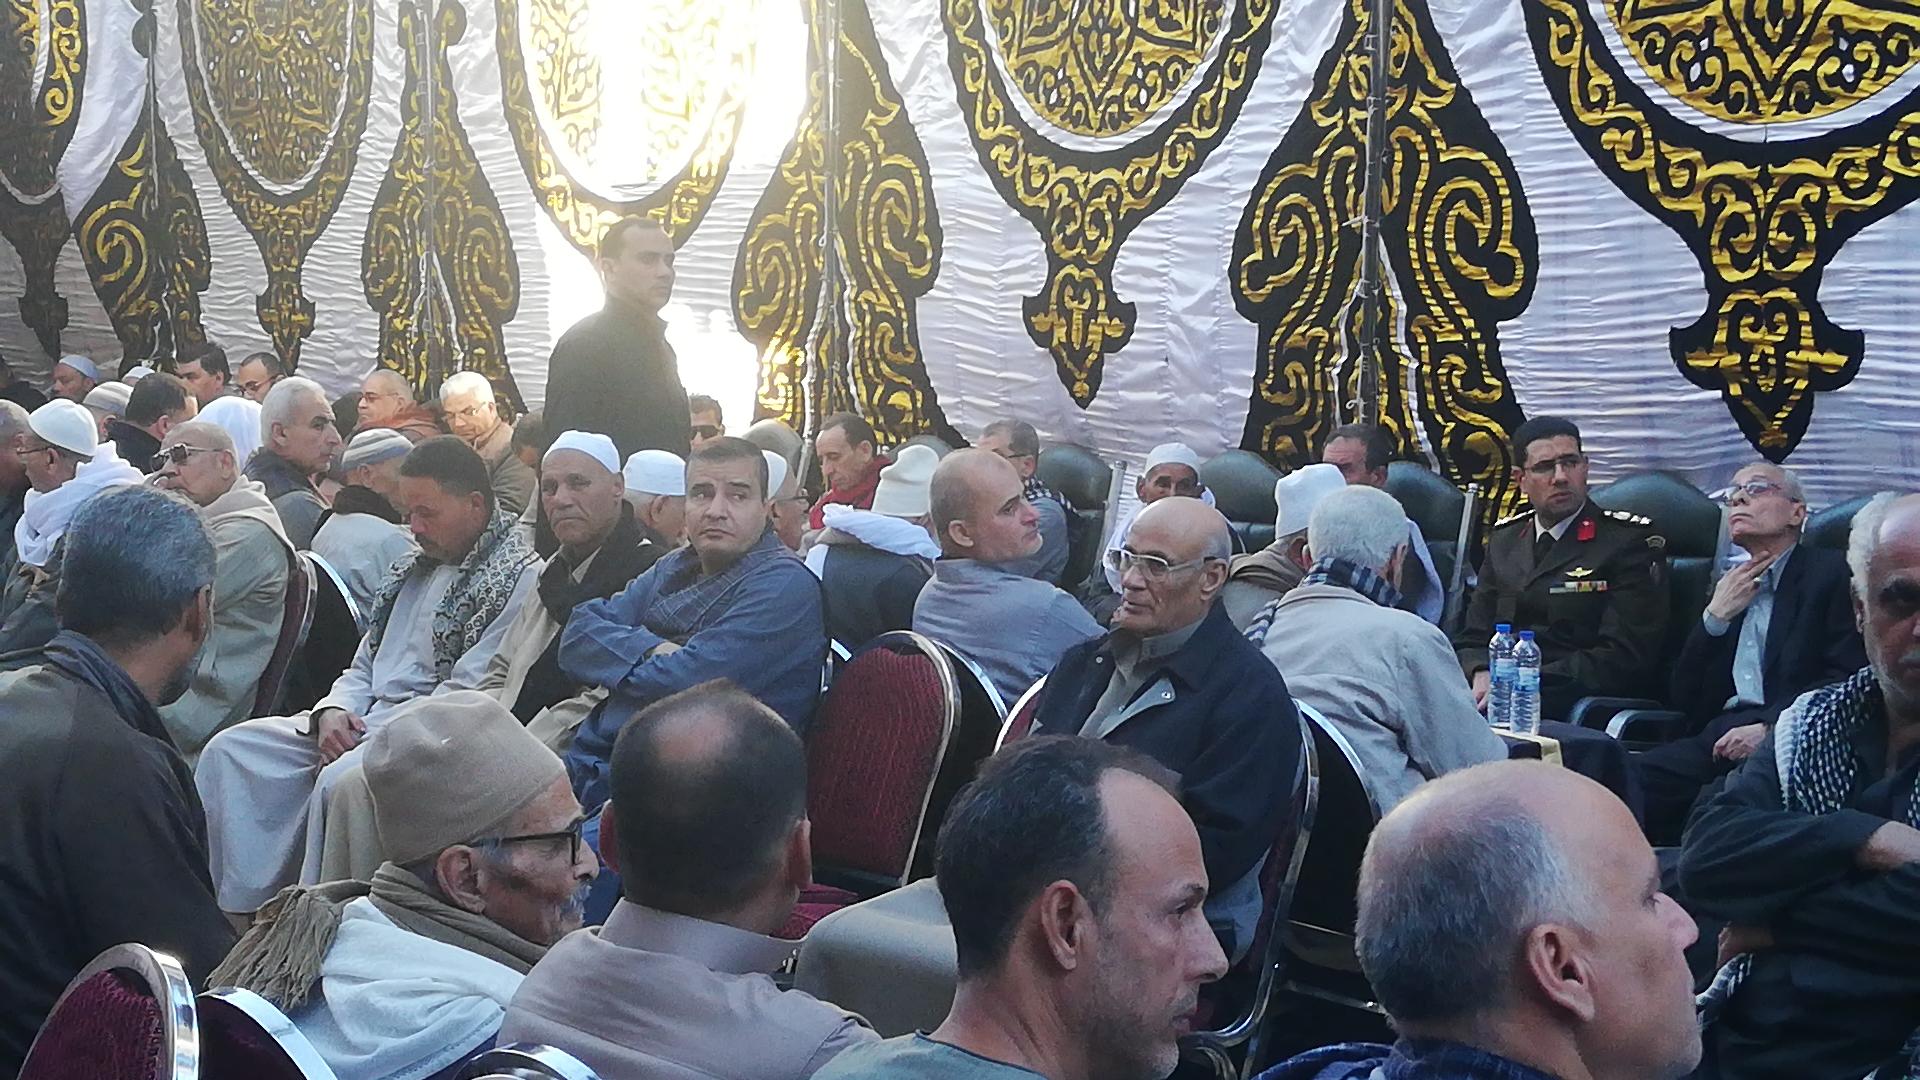 الألاف يؤدون واجب العزاء فى الشهيد مصطفى عبيد بمسقط راسه فى الجيزة (5)